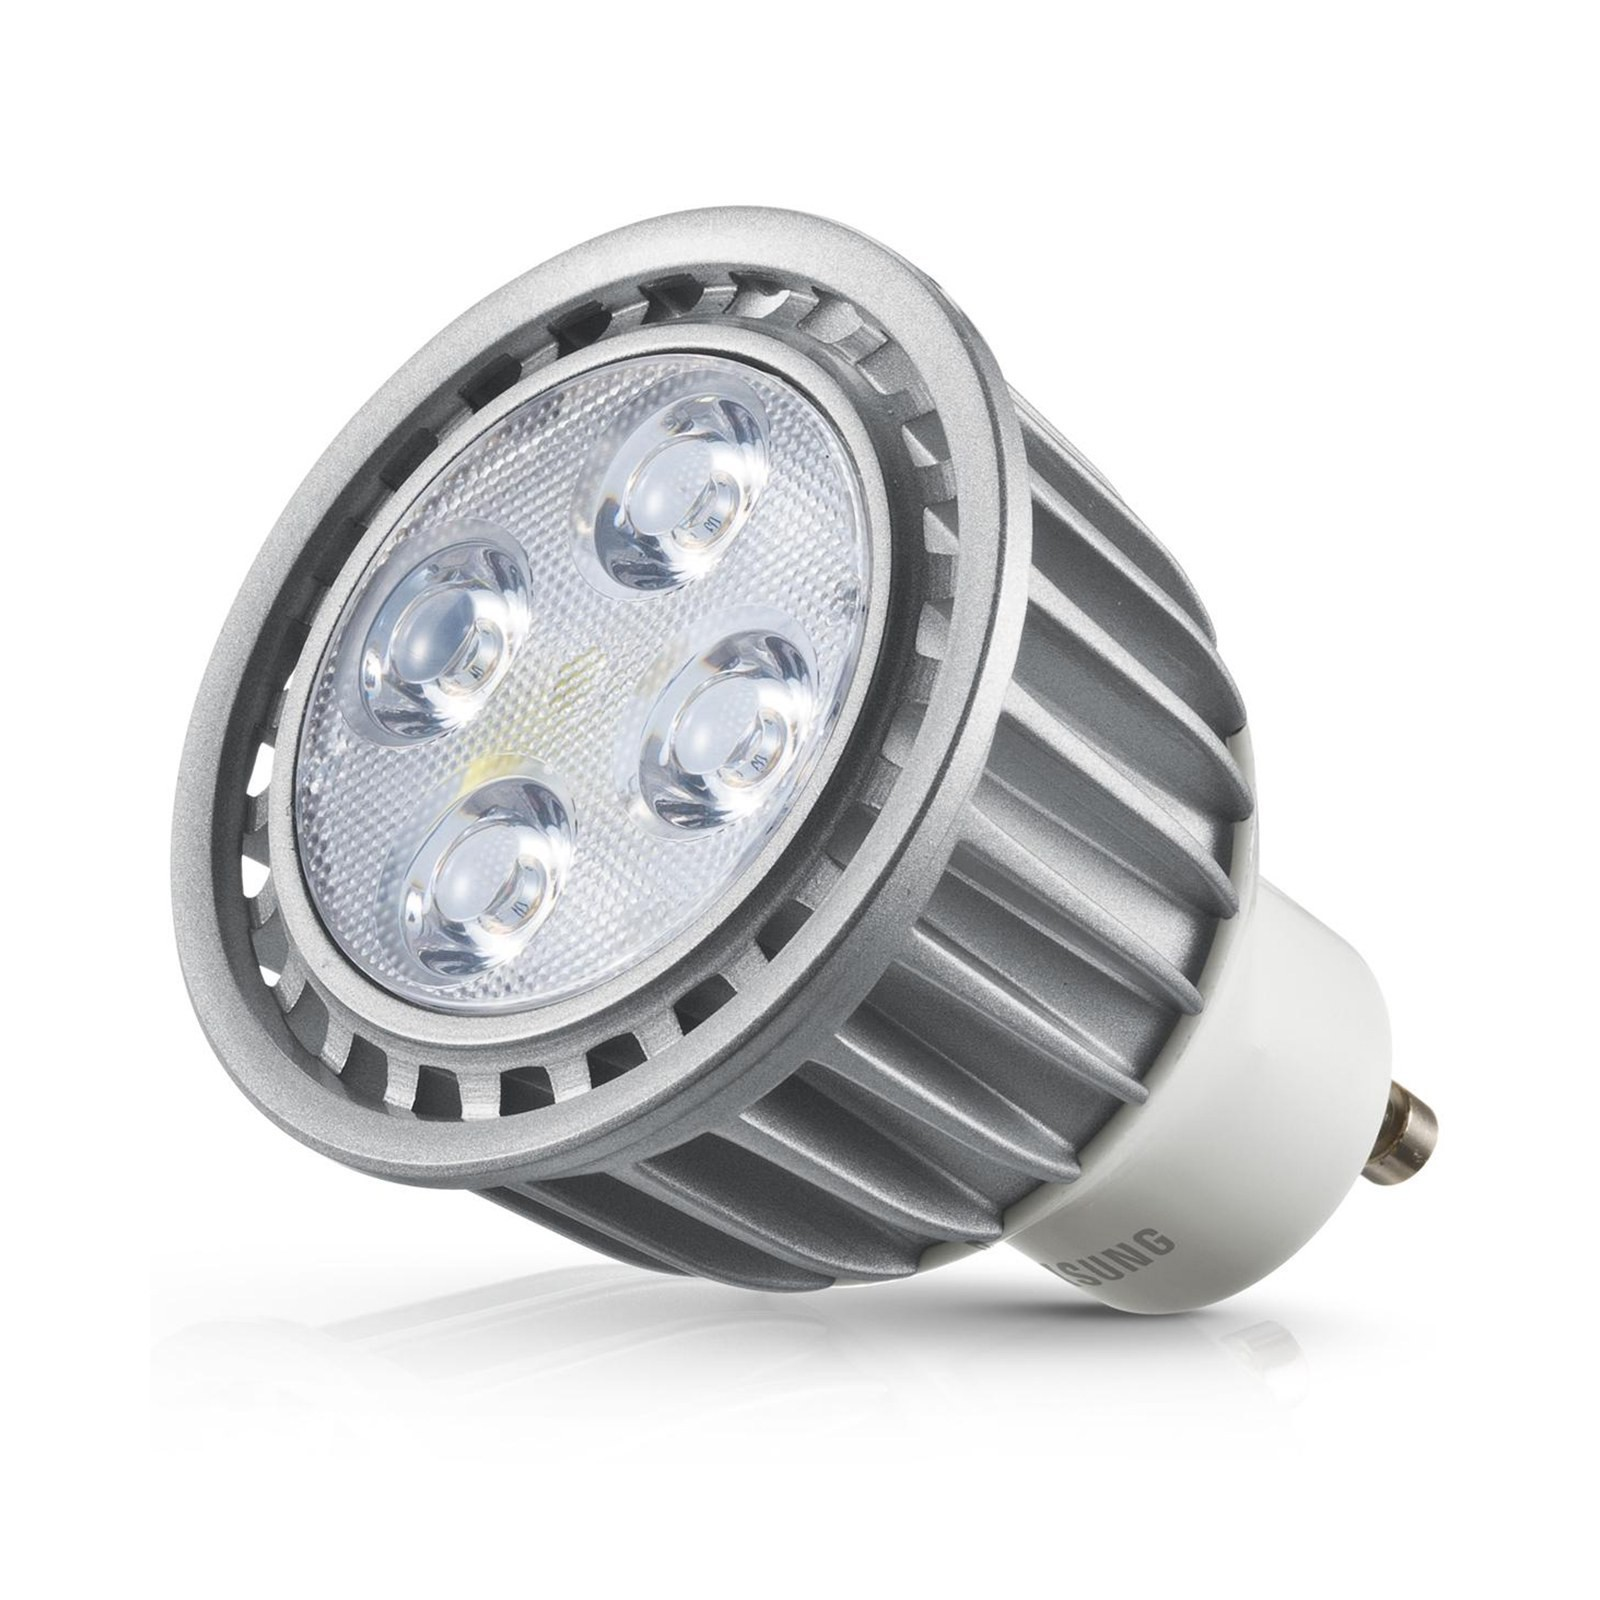 lampada lampadina faretto a led par16 attacco gu10 7 7 watt samsung luce calda area illumina. Black Bedroom Furniture Sets. Home Design Ideas